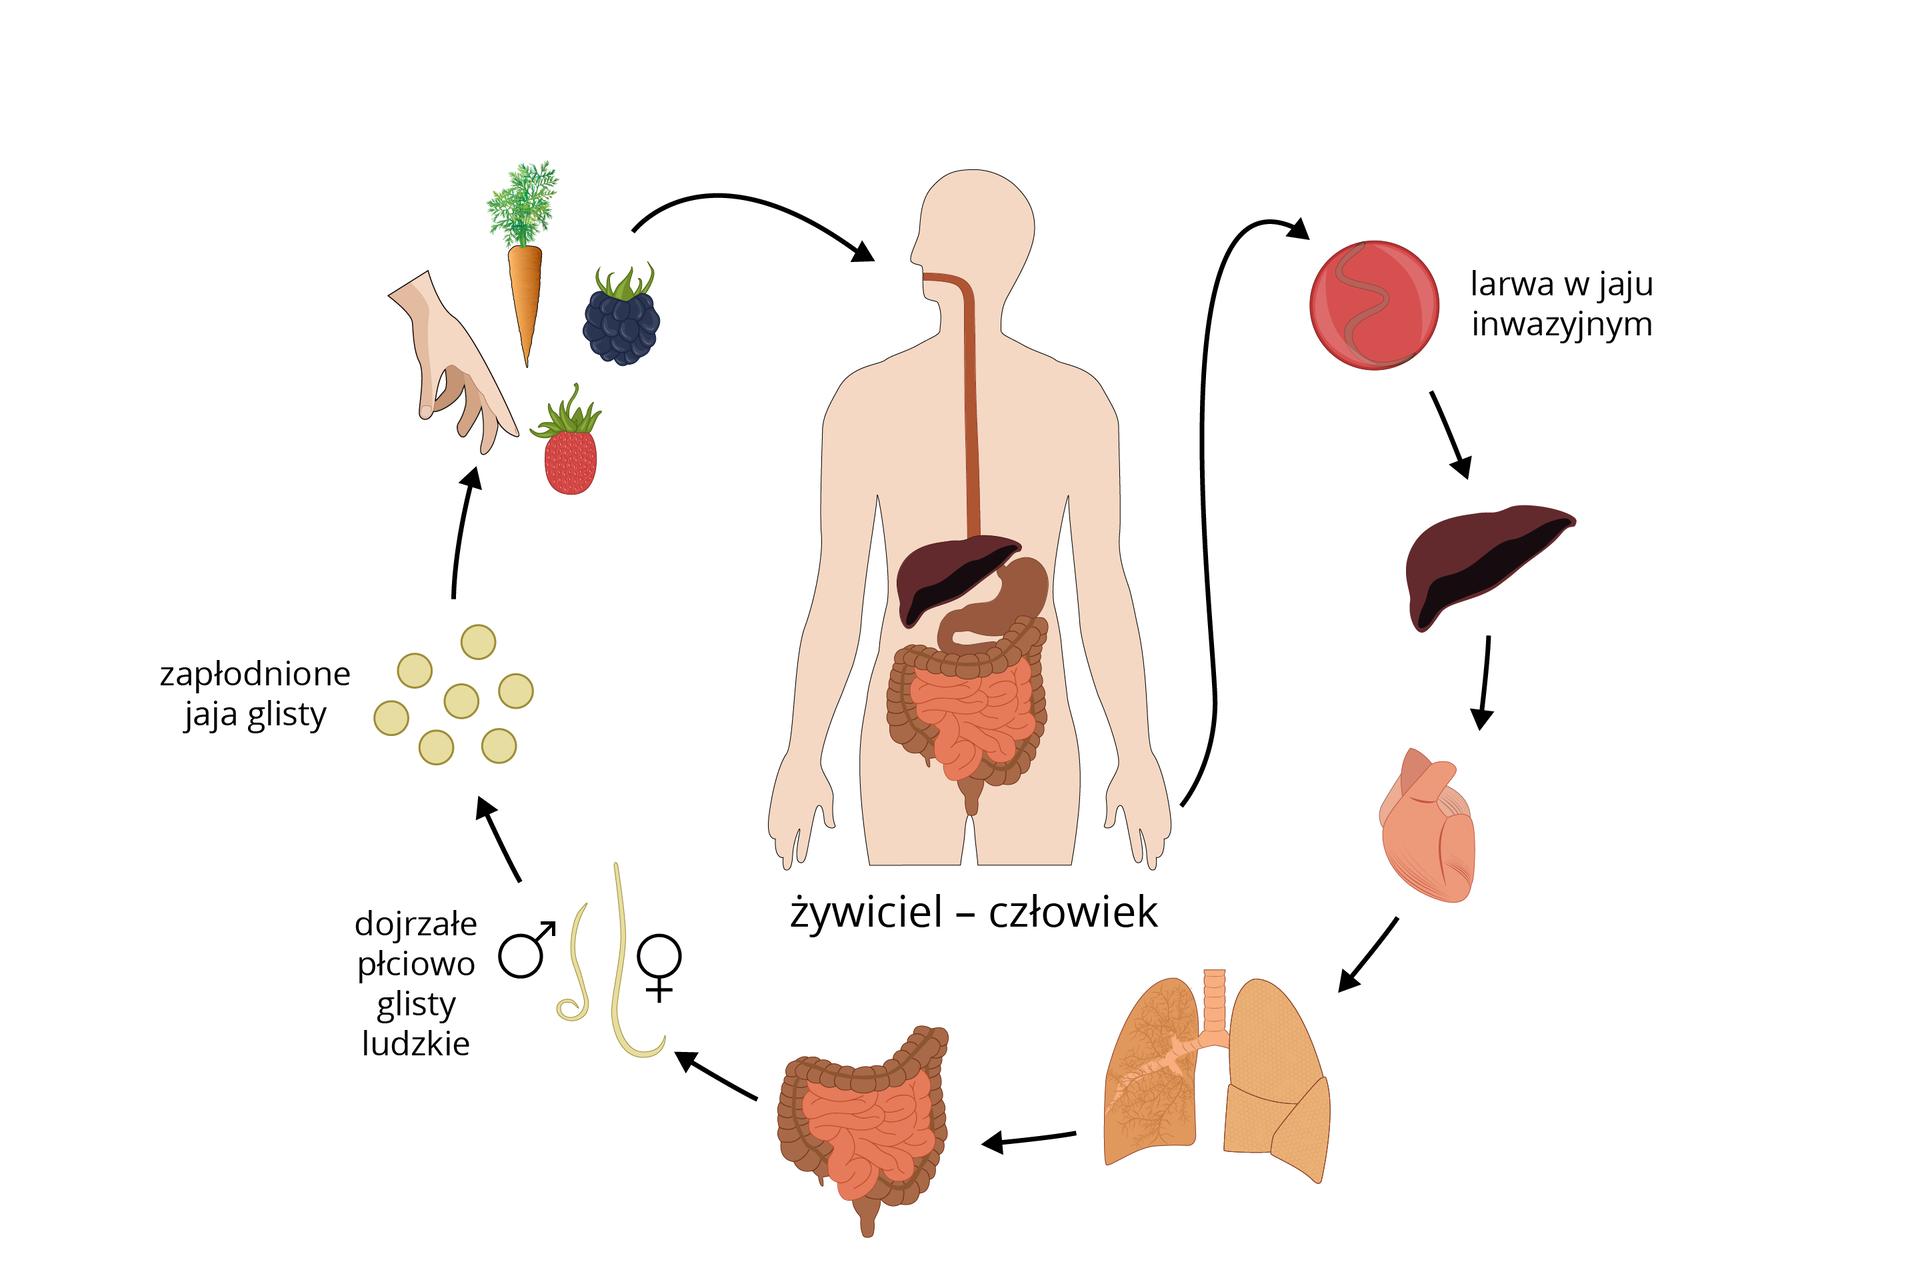 Ilustracja przedstawia schematycznie cykl rozwojowy glisty ludzkiej. Wcentrum sylwetka człowieka zwrysowanym układem pokarmowym. Wokół kolejne stadia rozwojowe wpostaci rysunków. Czarne strzałki wskazują ich kolejność.